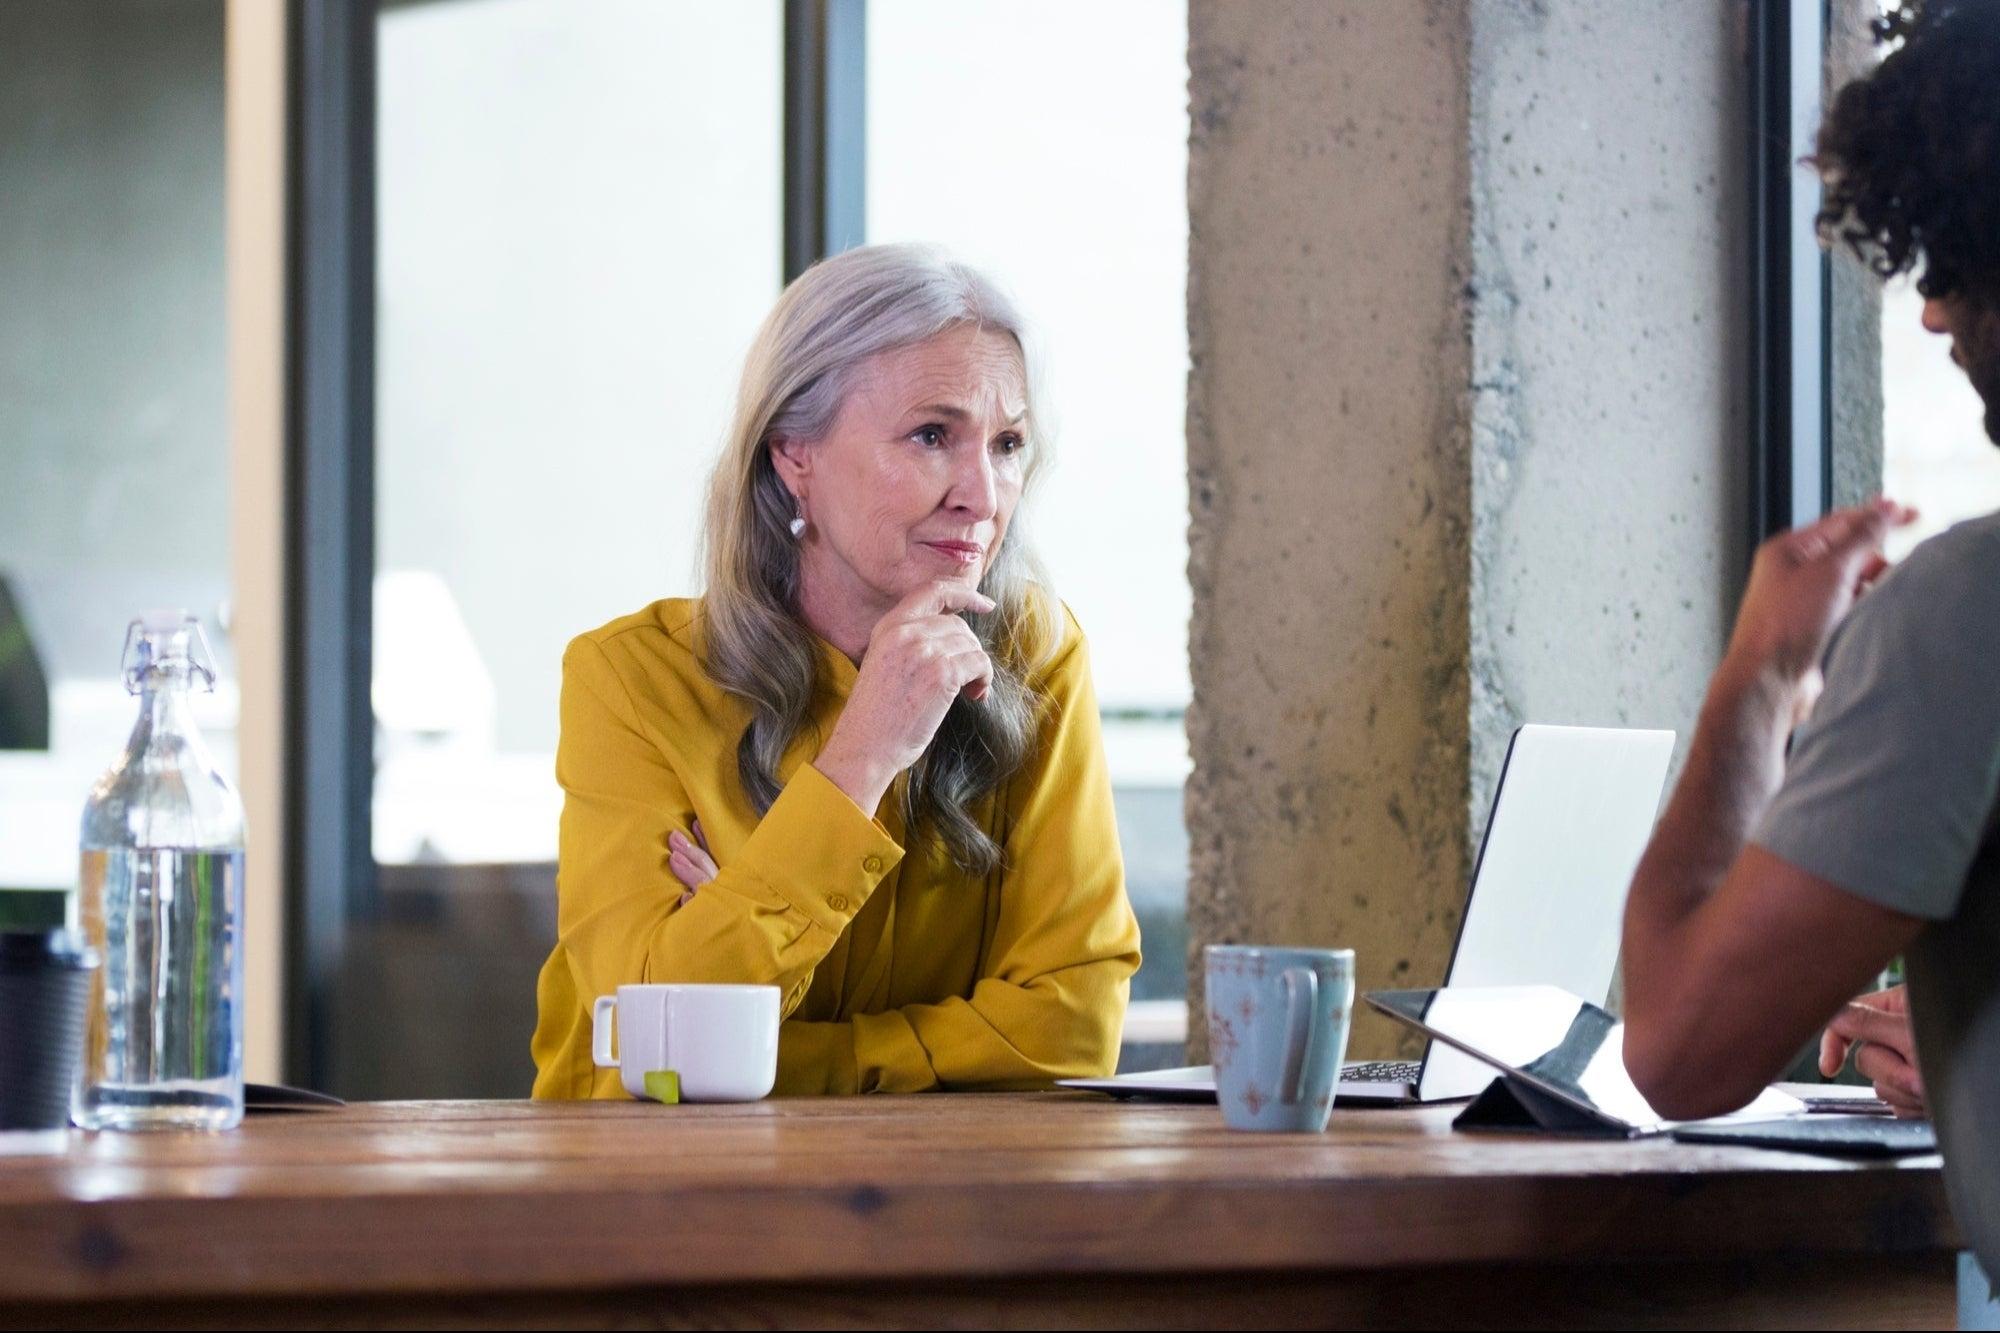 5 ventajas que tienen los trabajadores mayores sobre otros candidatos laborales